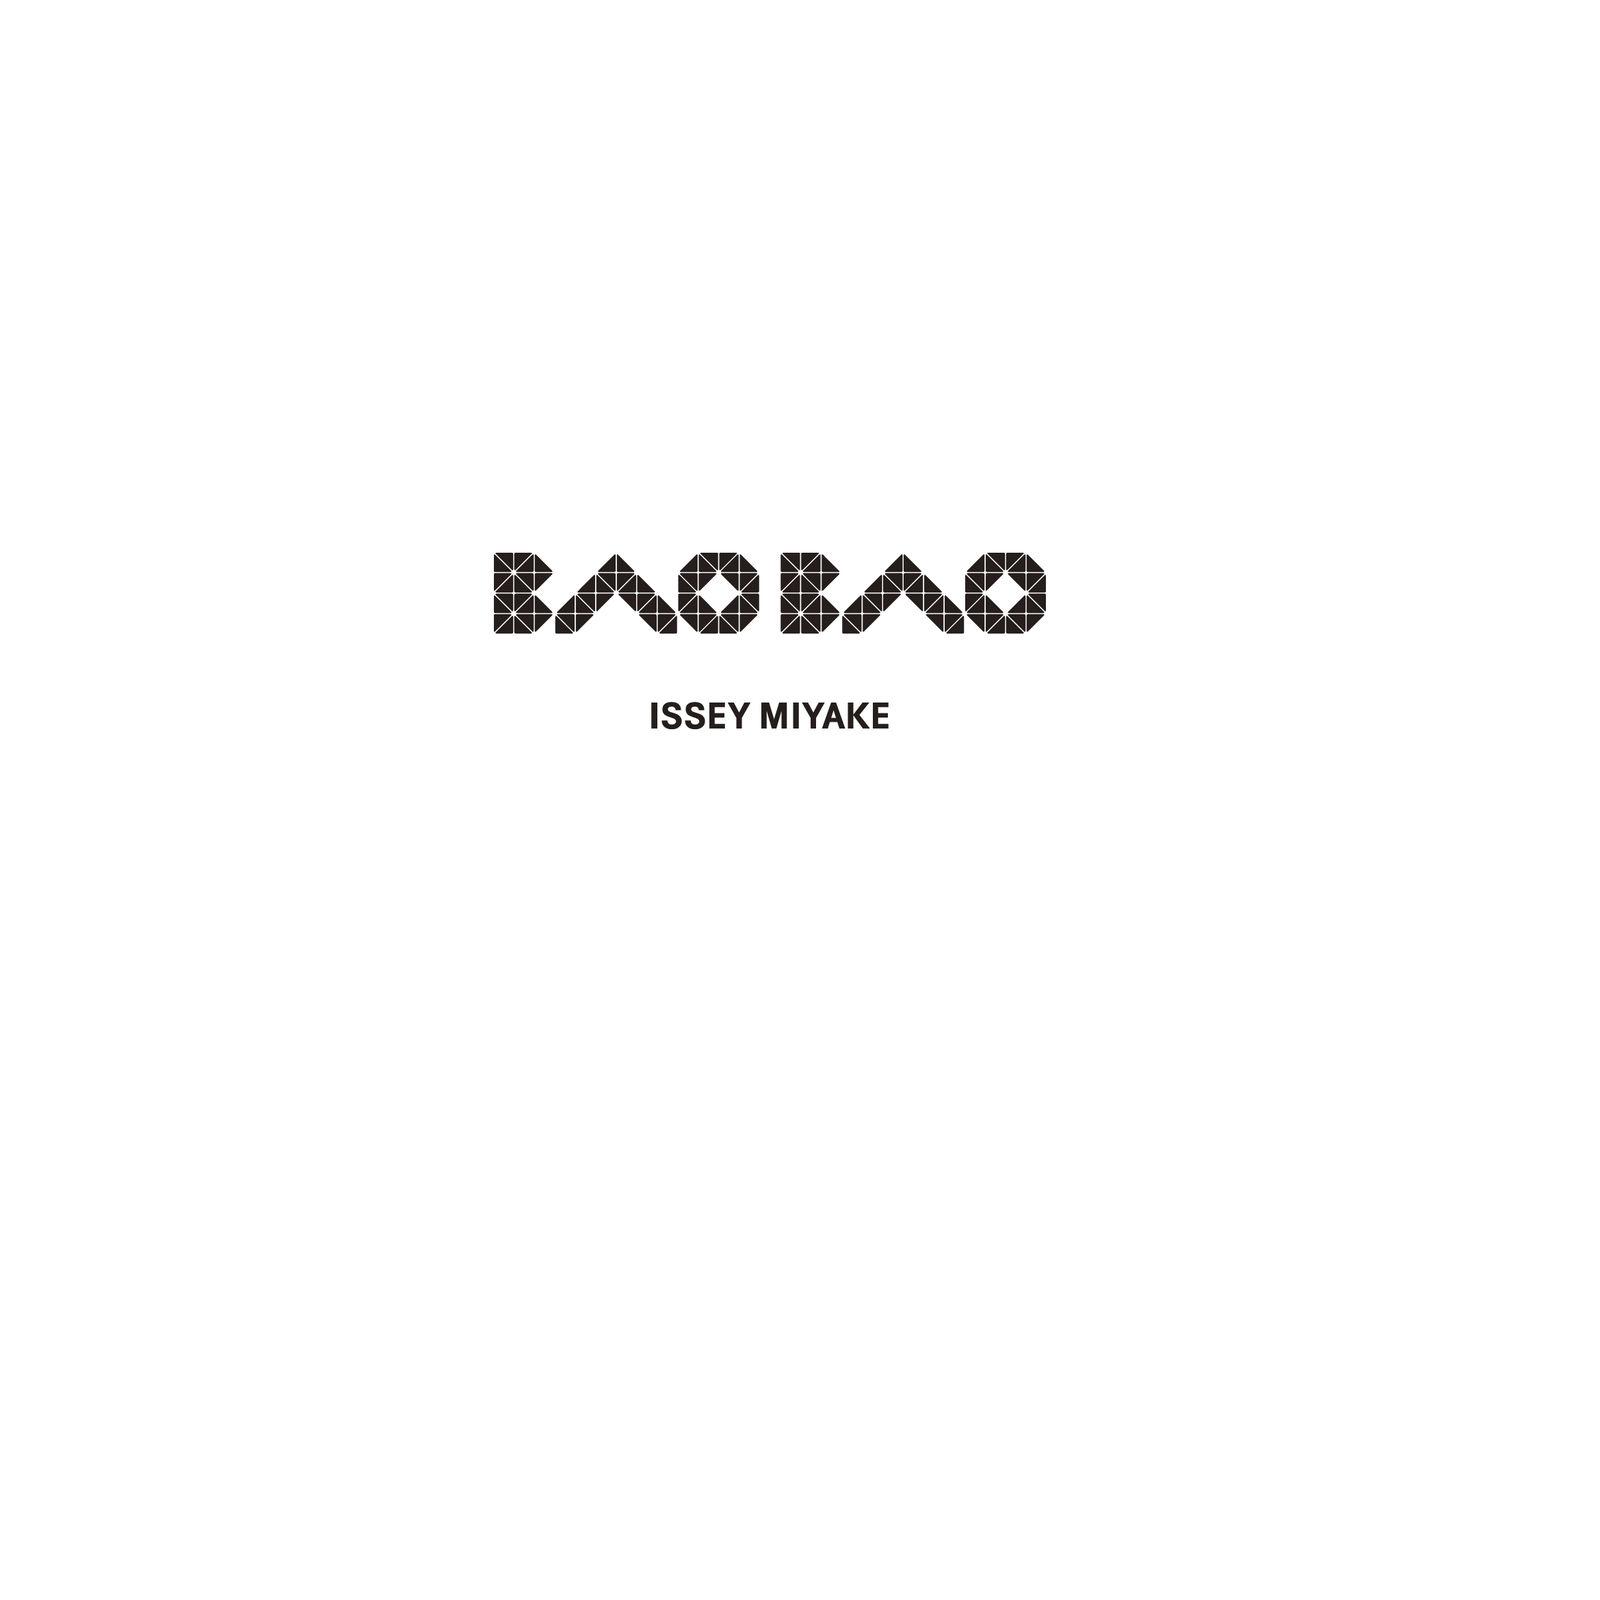 BAO BAO ISSEY MIYAKE (Image 1)